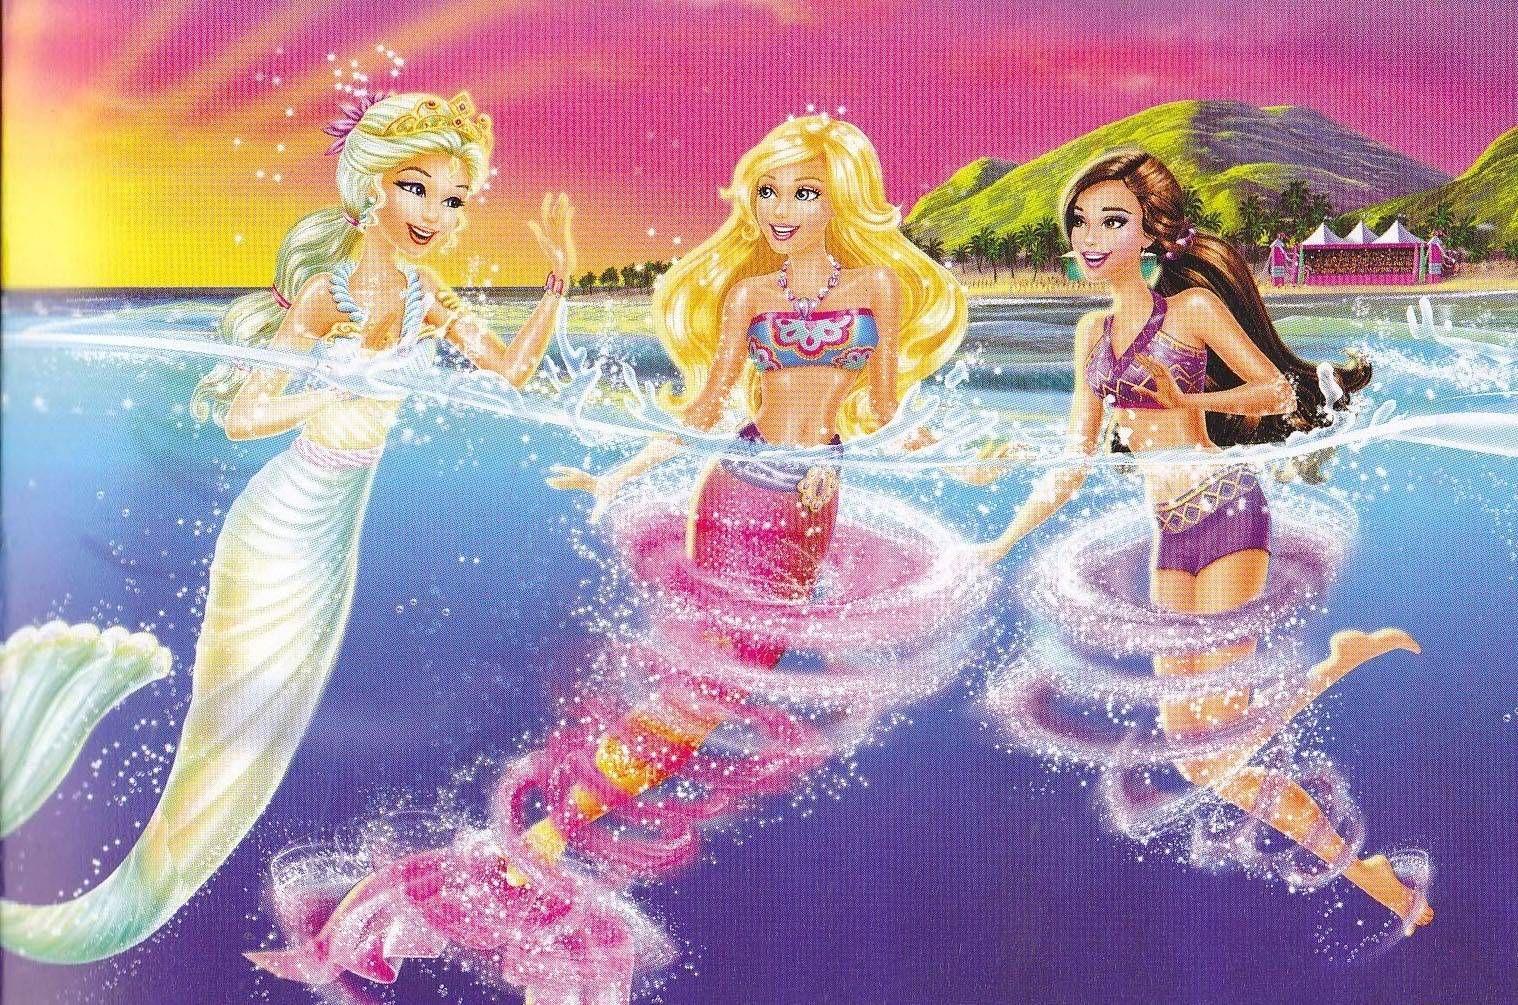 Barbie In A Mermaid Tale Barbie Cartoon Mermaid Barbie Mermaid Cartoon